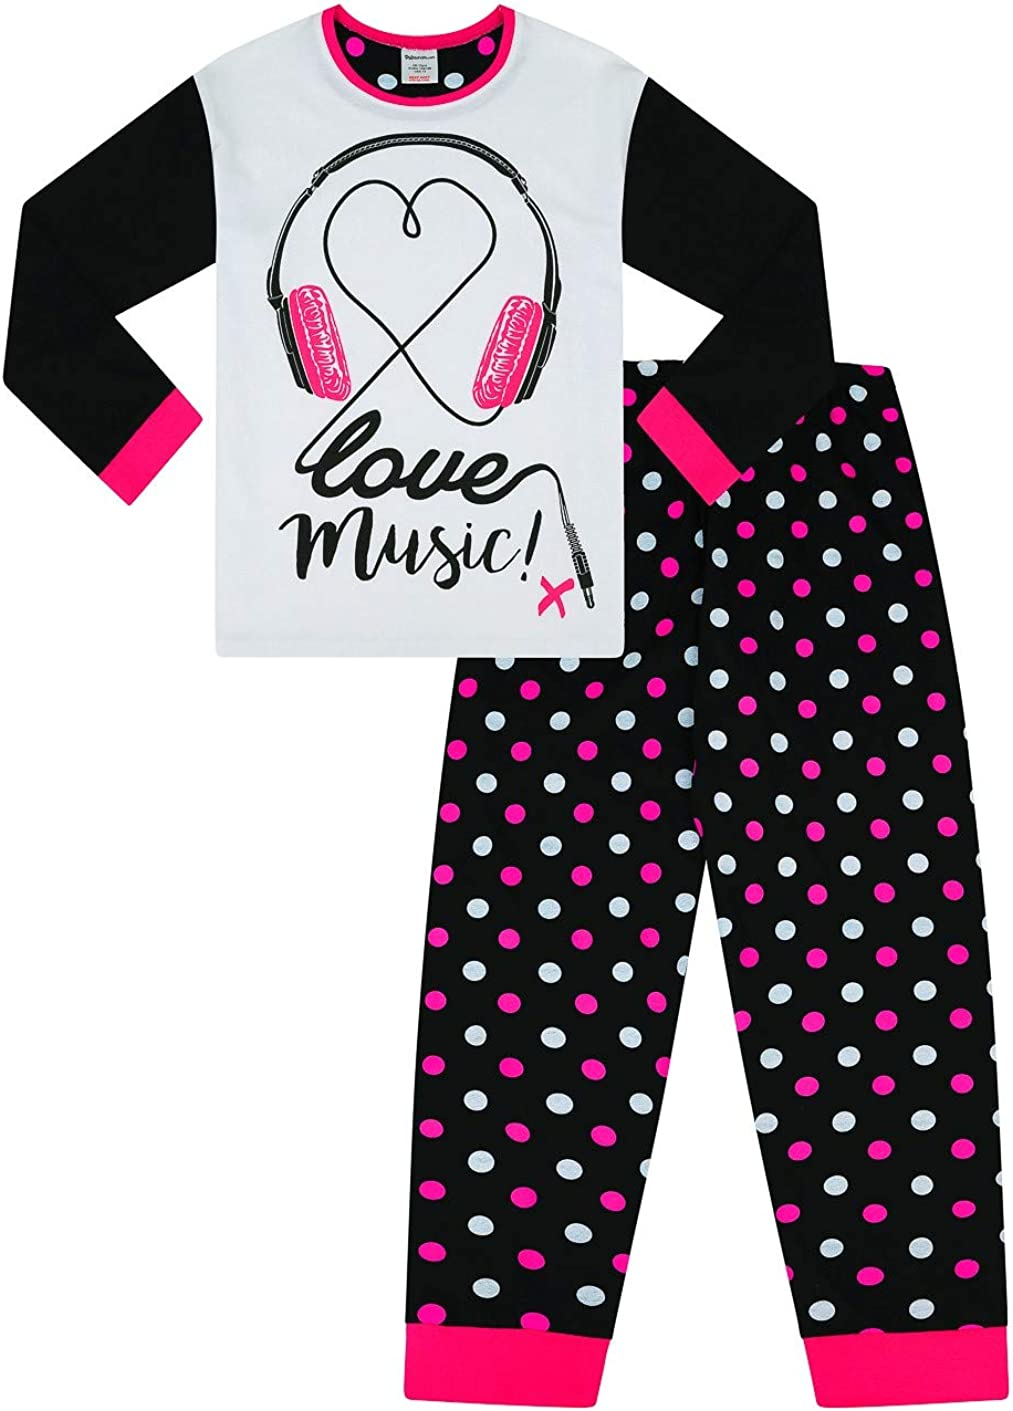 gepunktet M/ädchen Schlafanzug mit Kopfh/örern-Aufdruck Baumwolle